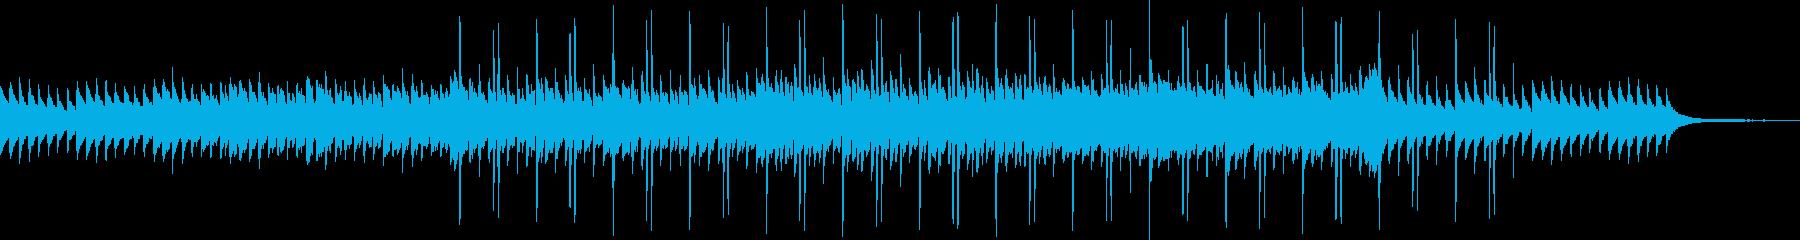 瑞々しさのあるアンビエントな曲の再生済みの波形